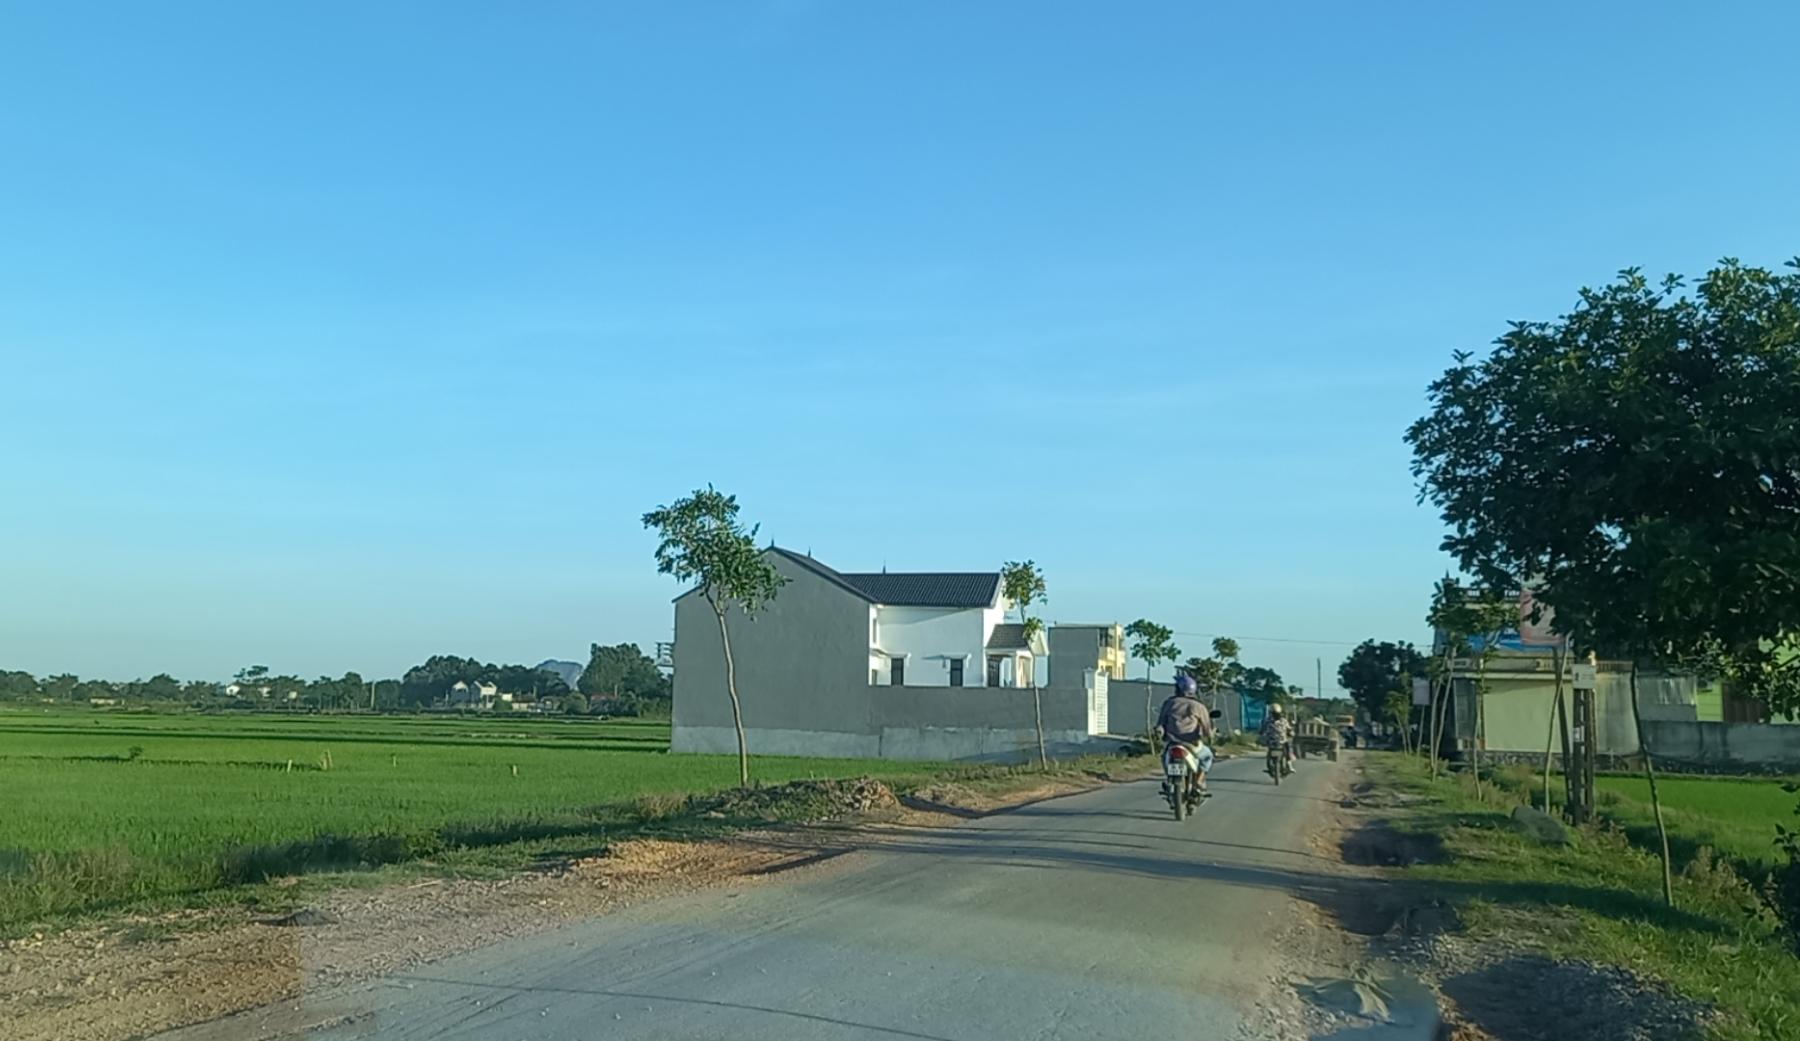 Bán lô đất nền 120m2, MT 6m, gần cao tốc Ninh Bình - Thanh Hoá, giá chỉ 950 triệu